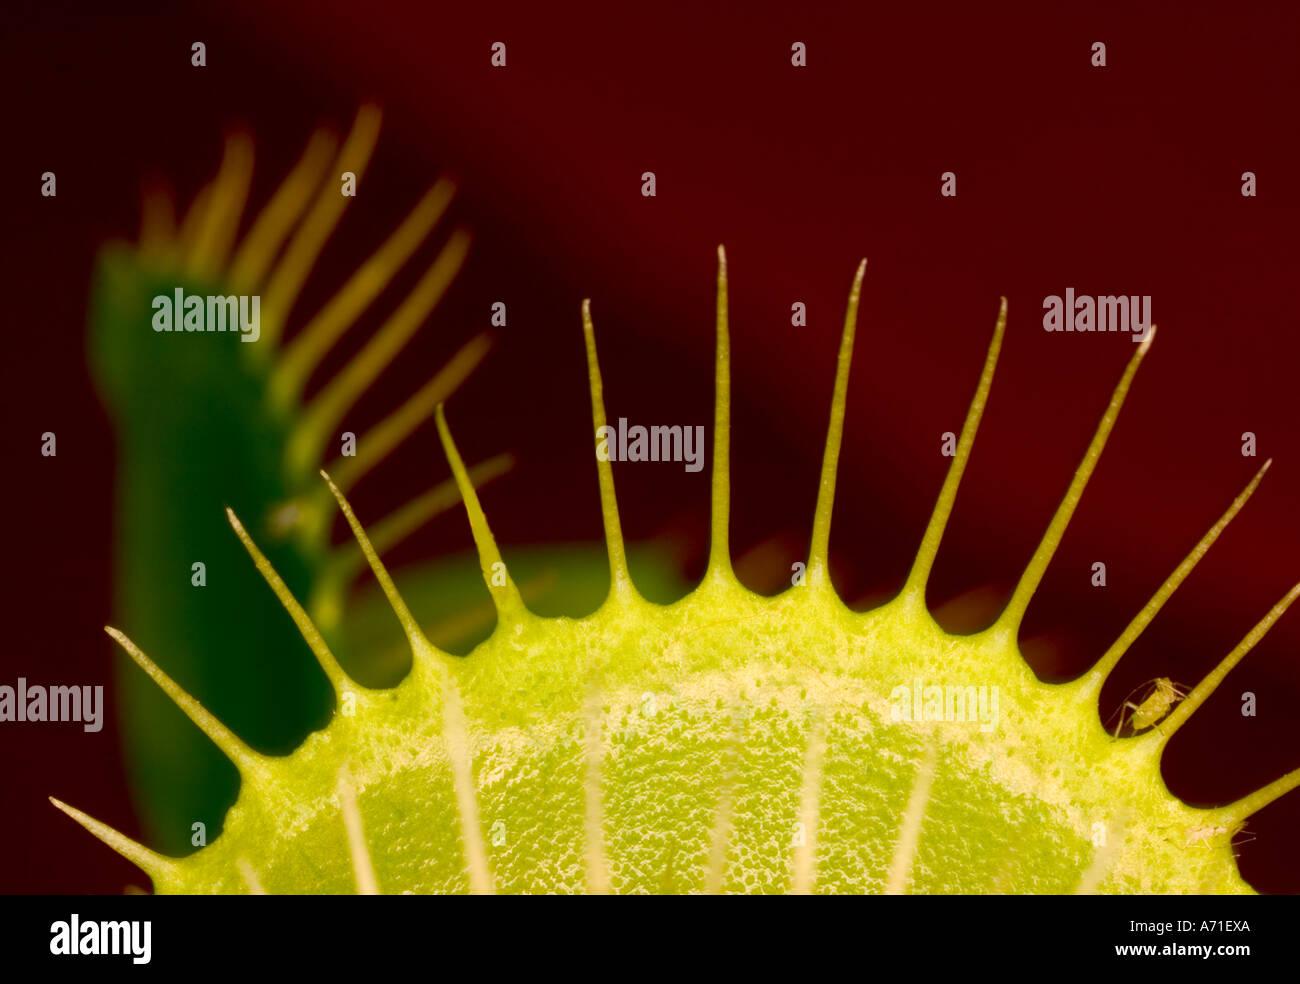 Abstrakte Schuss einer Venus Fliegenfalle Anlage hautnah. Stockbild